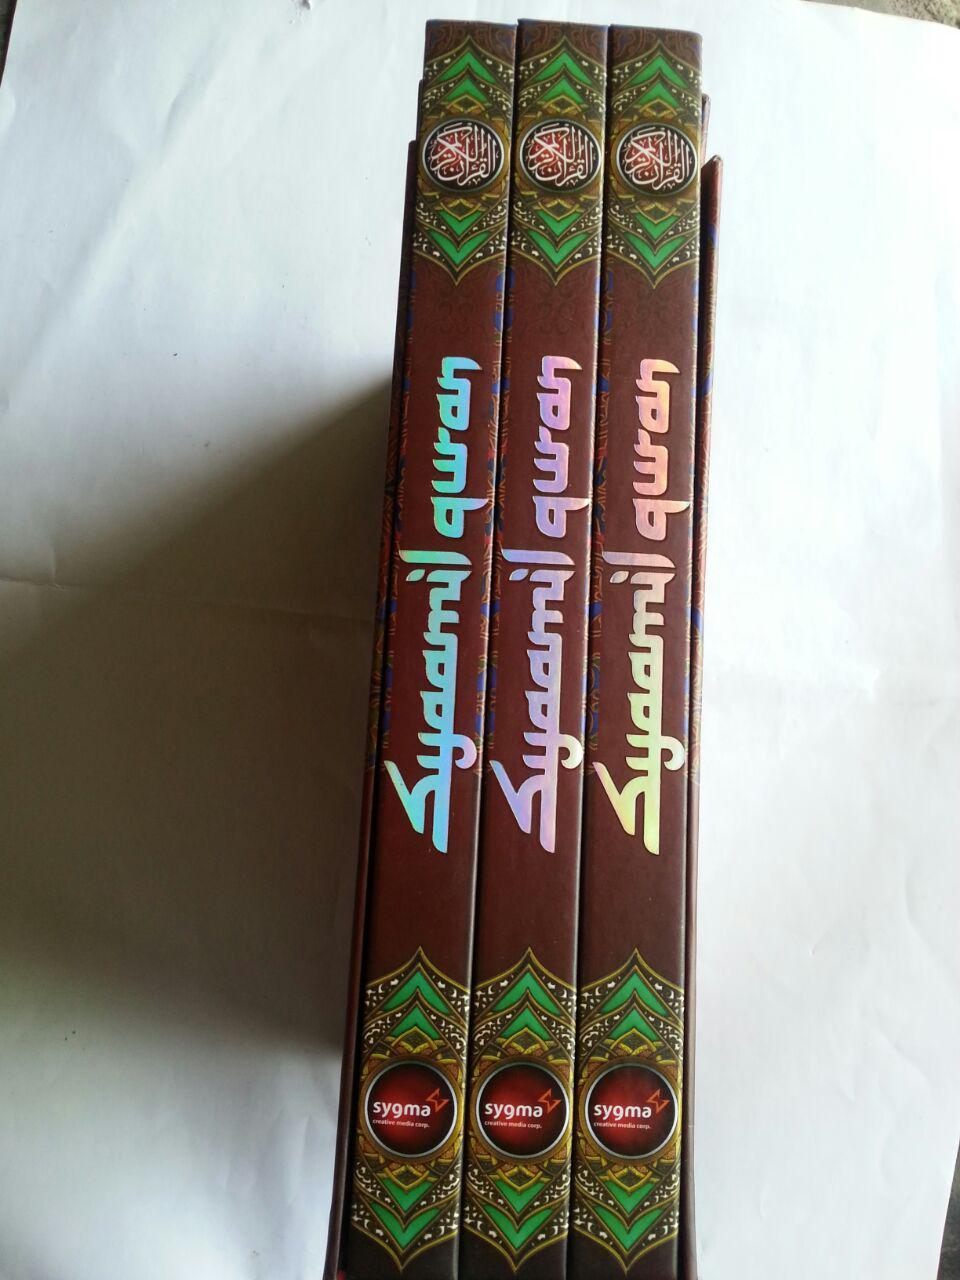 Al-Qur'anul Karim Mushaf Tulis 30 Juz 3 Jilid Ukuran B5 cover 3